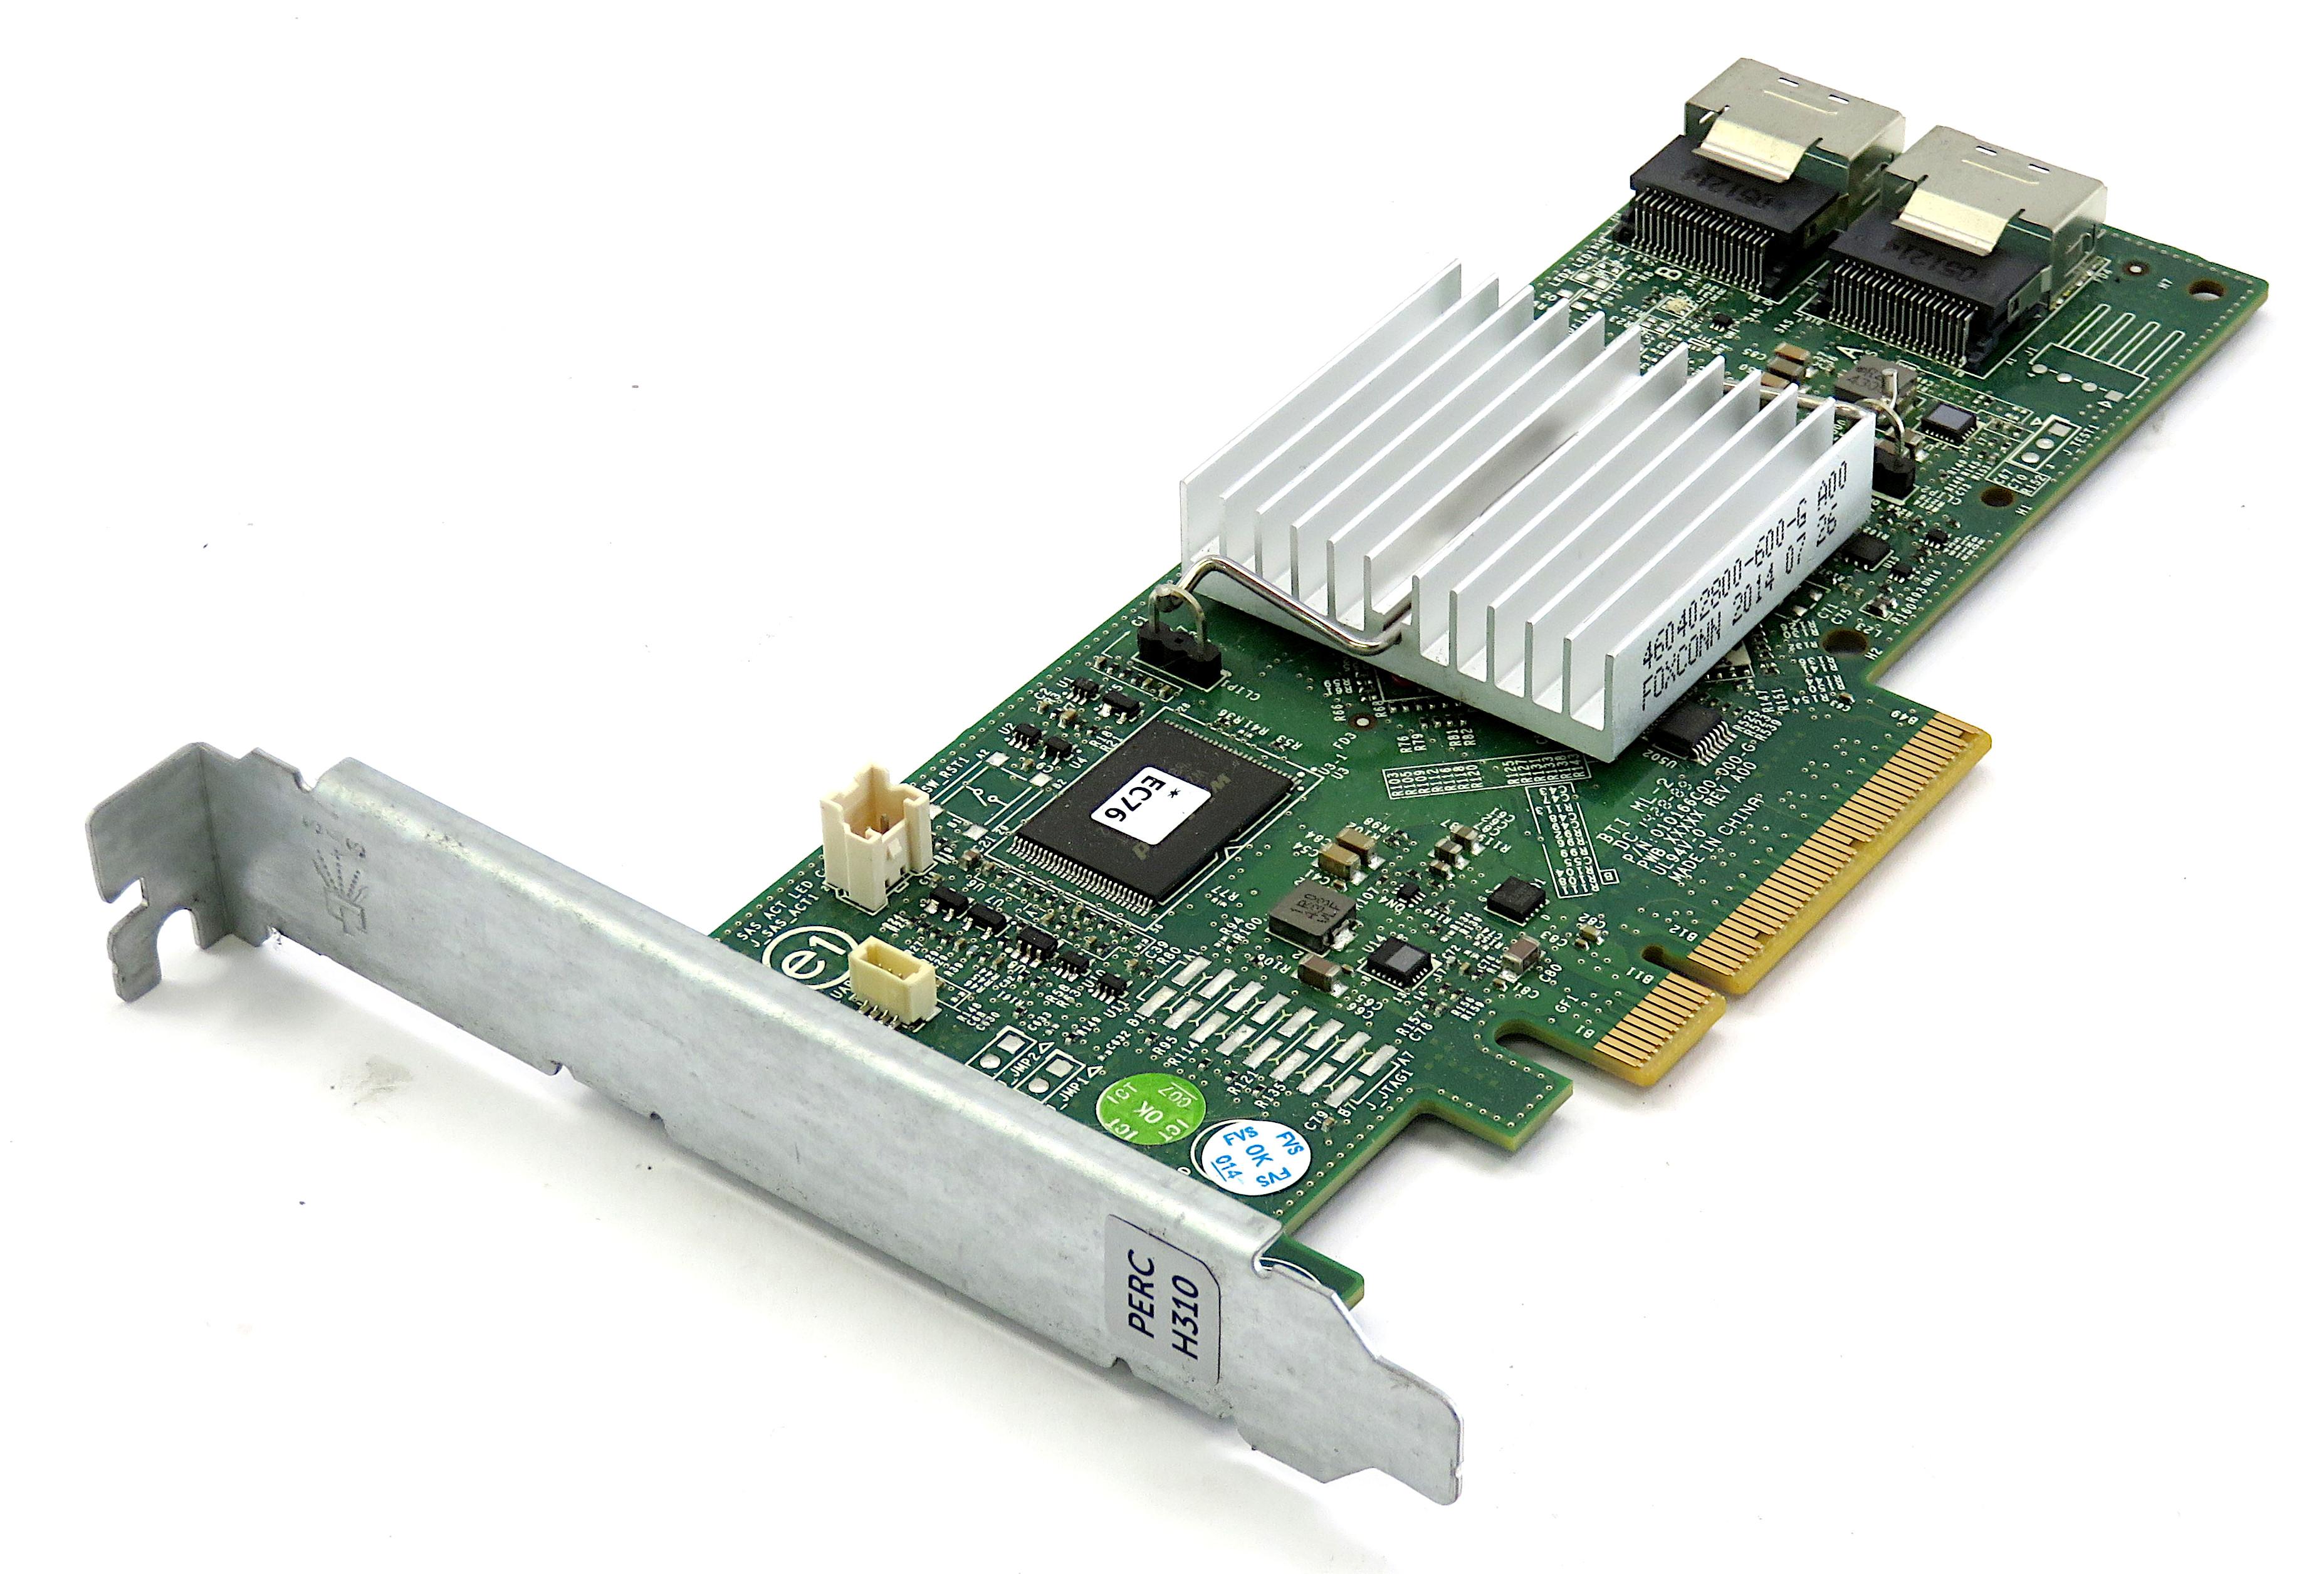 Dell 3P0R3 PowerEdge Raid Controller H310 6Gbps SAS/SATA 8-Port PCIe HBA Card